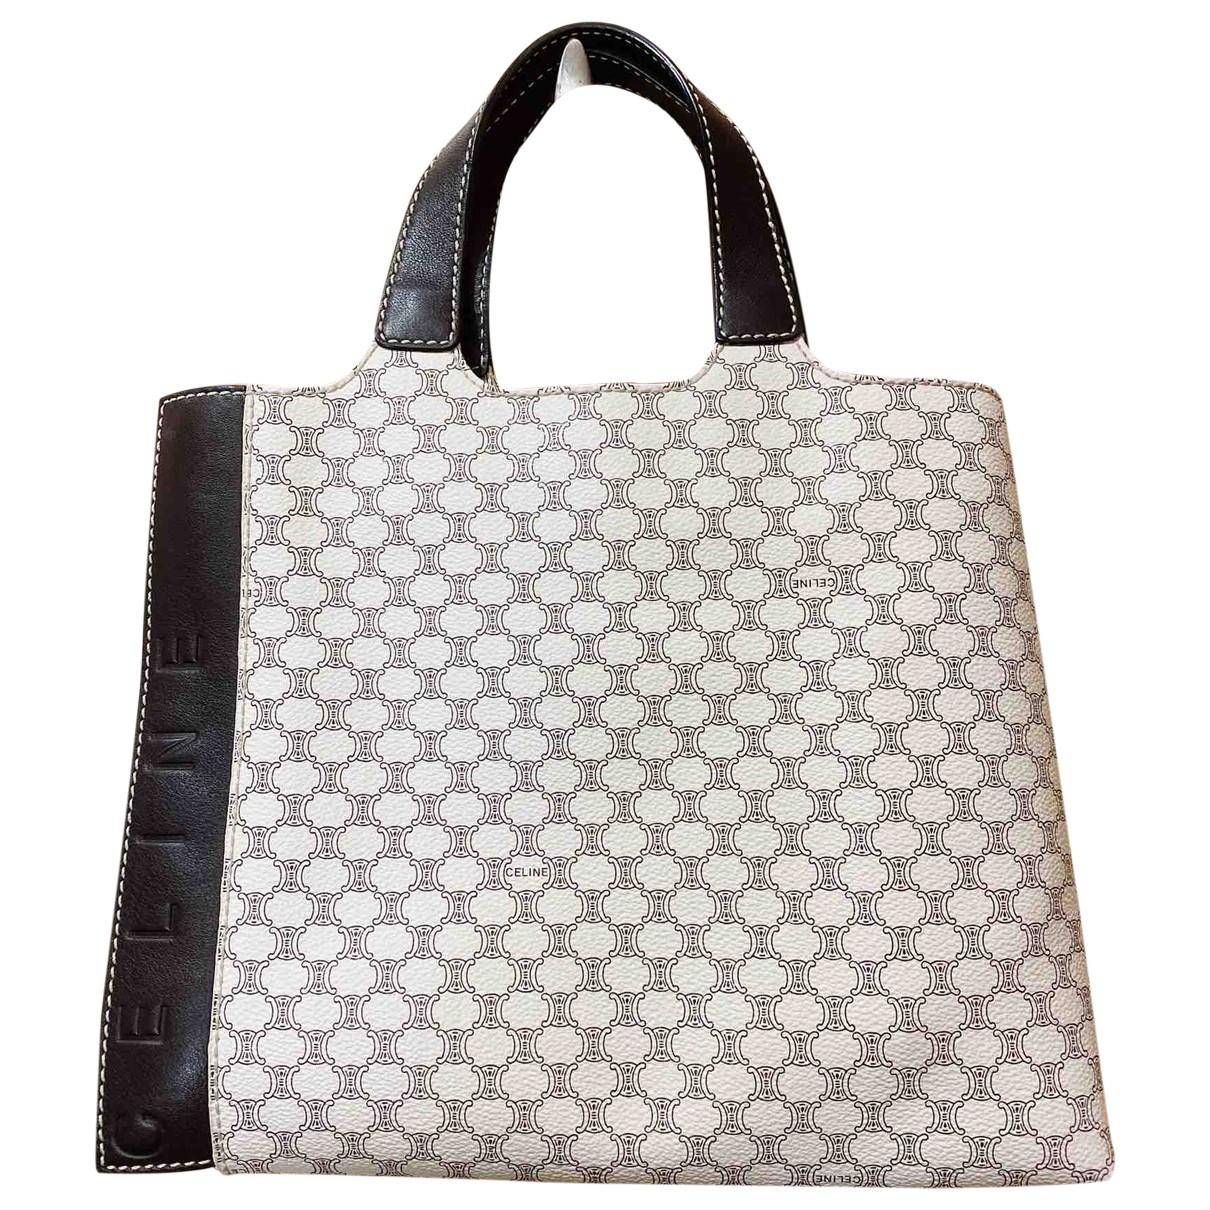 Celine \N White Cloth handbag for Women \N